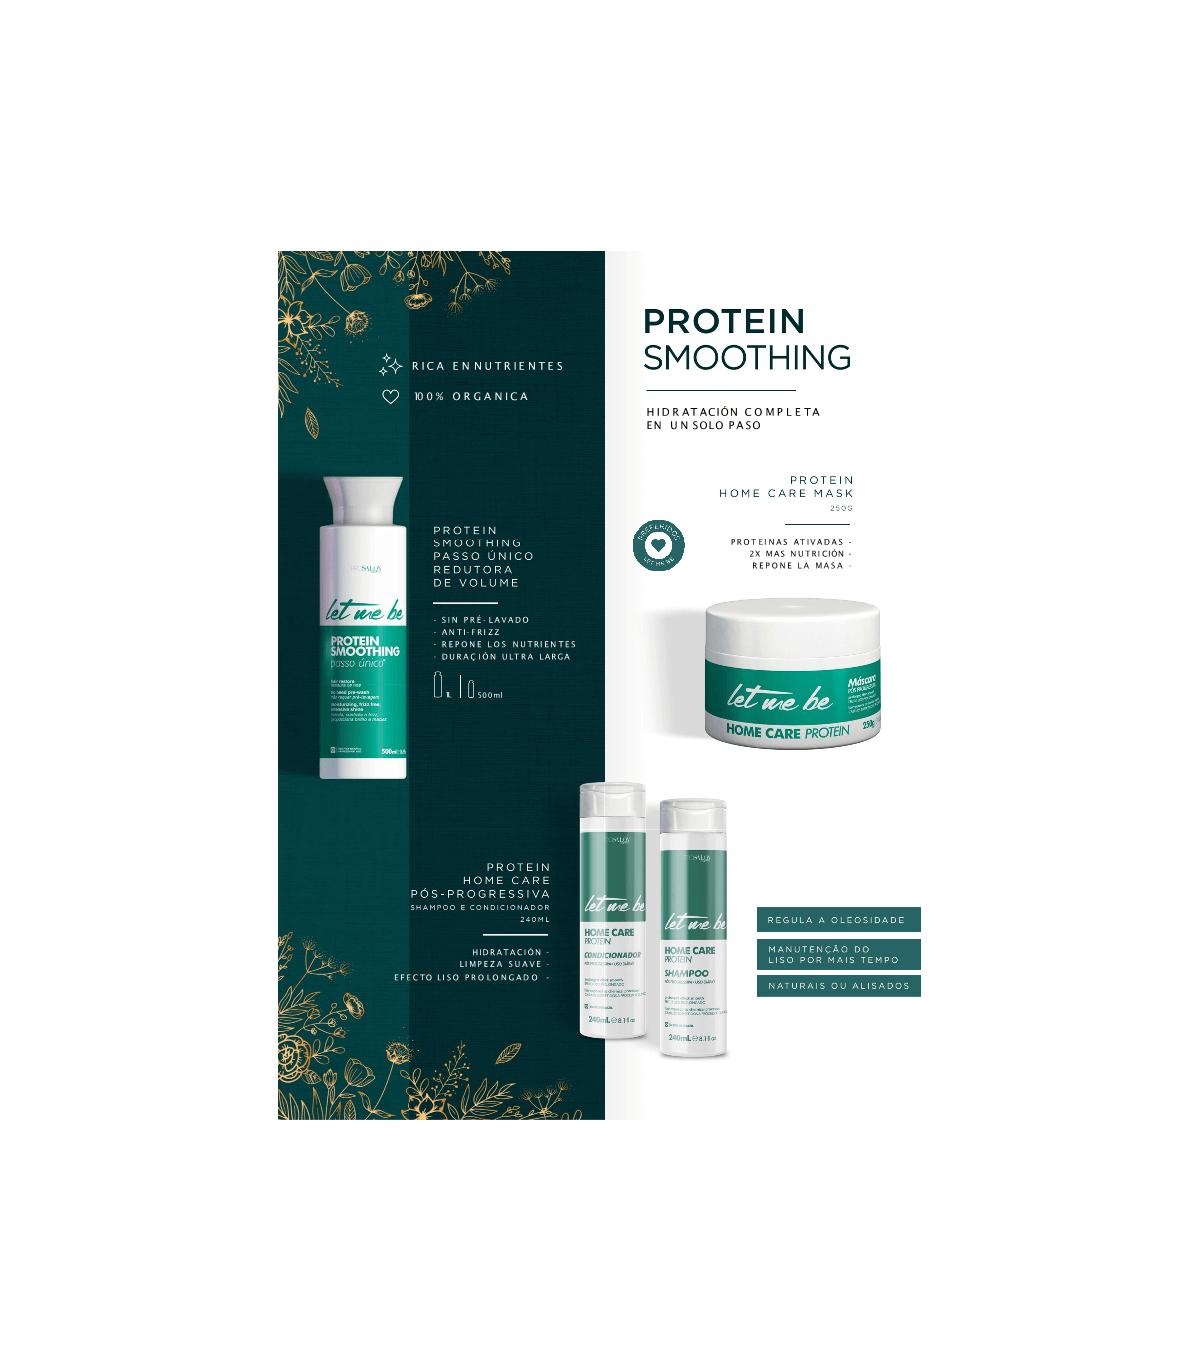 Mascarilla protein Letmebe 250ml